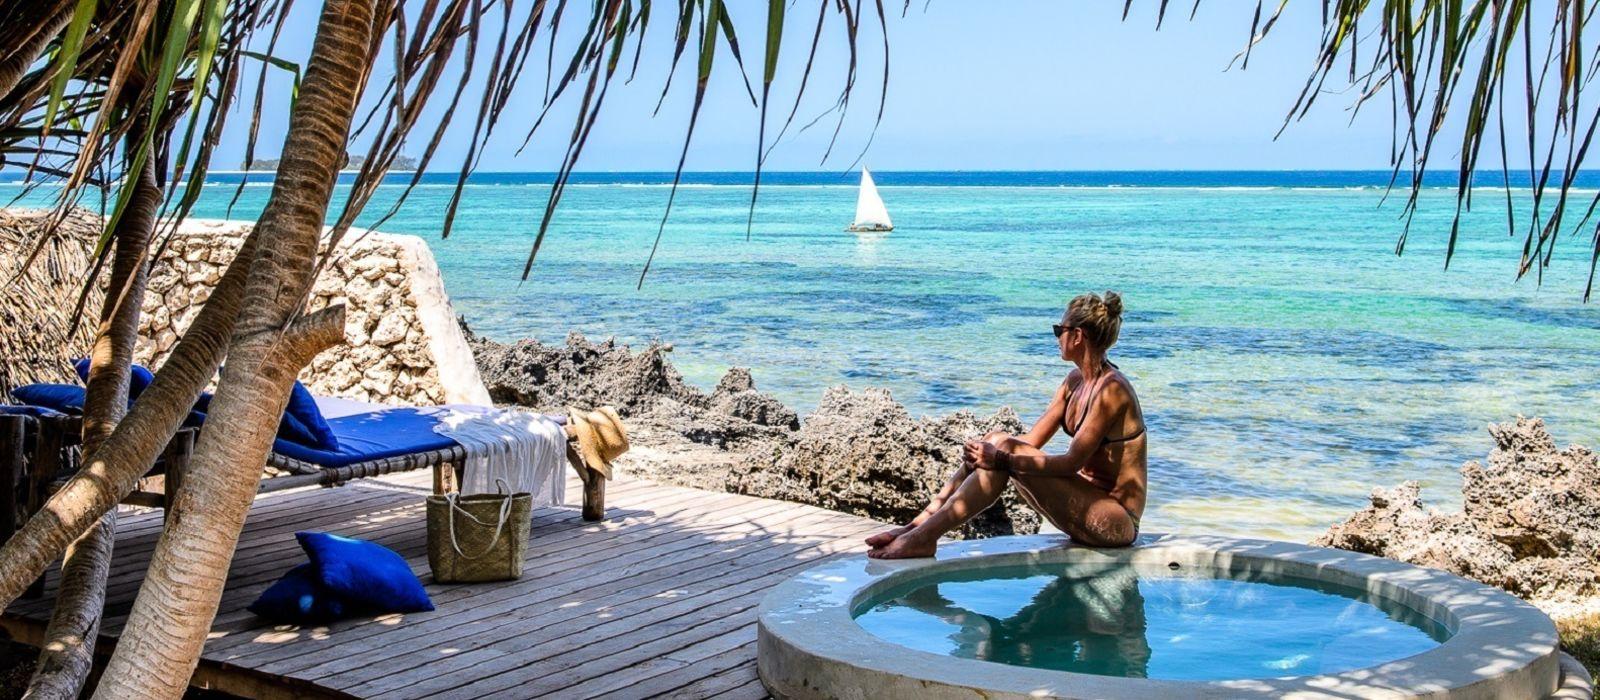 Stilvoll reisen in Tansania & Sansibar Urlaub 1